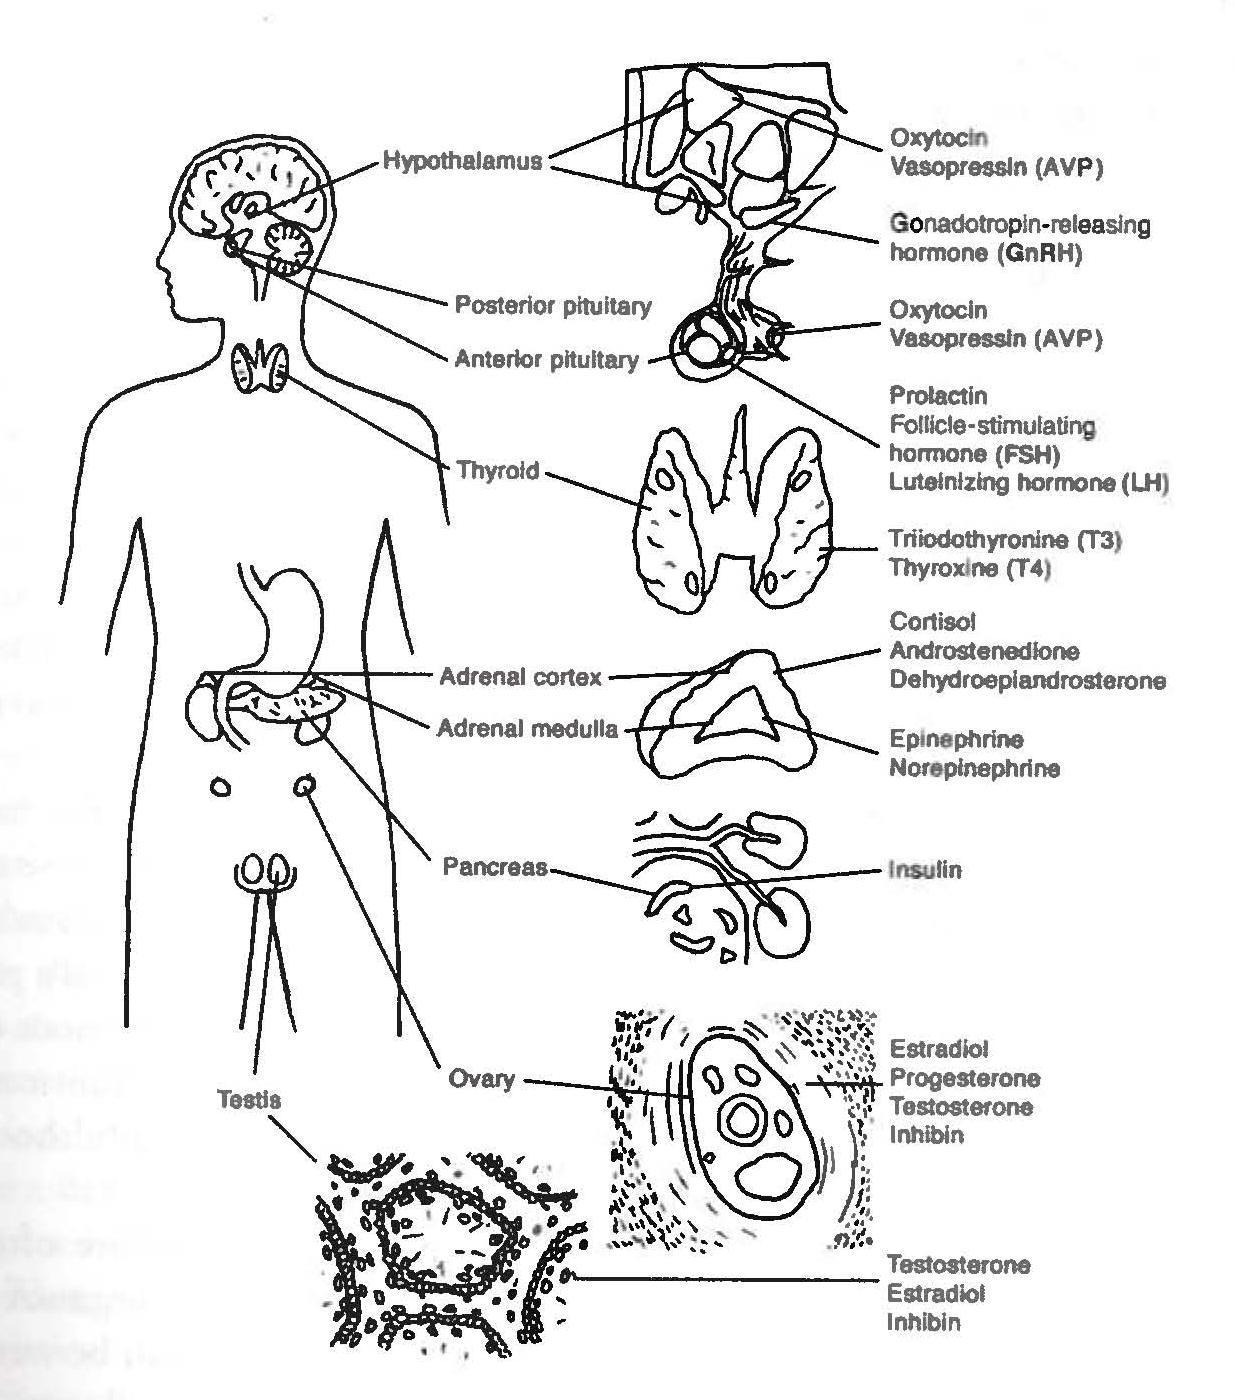 Endocrine System Unlabeled Diagram